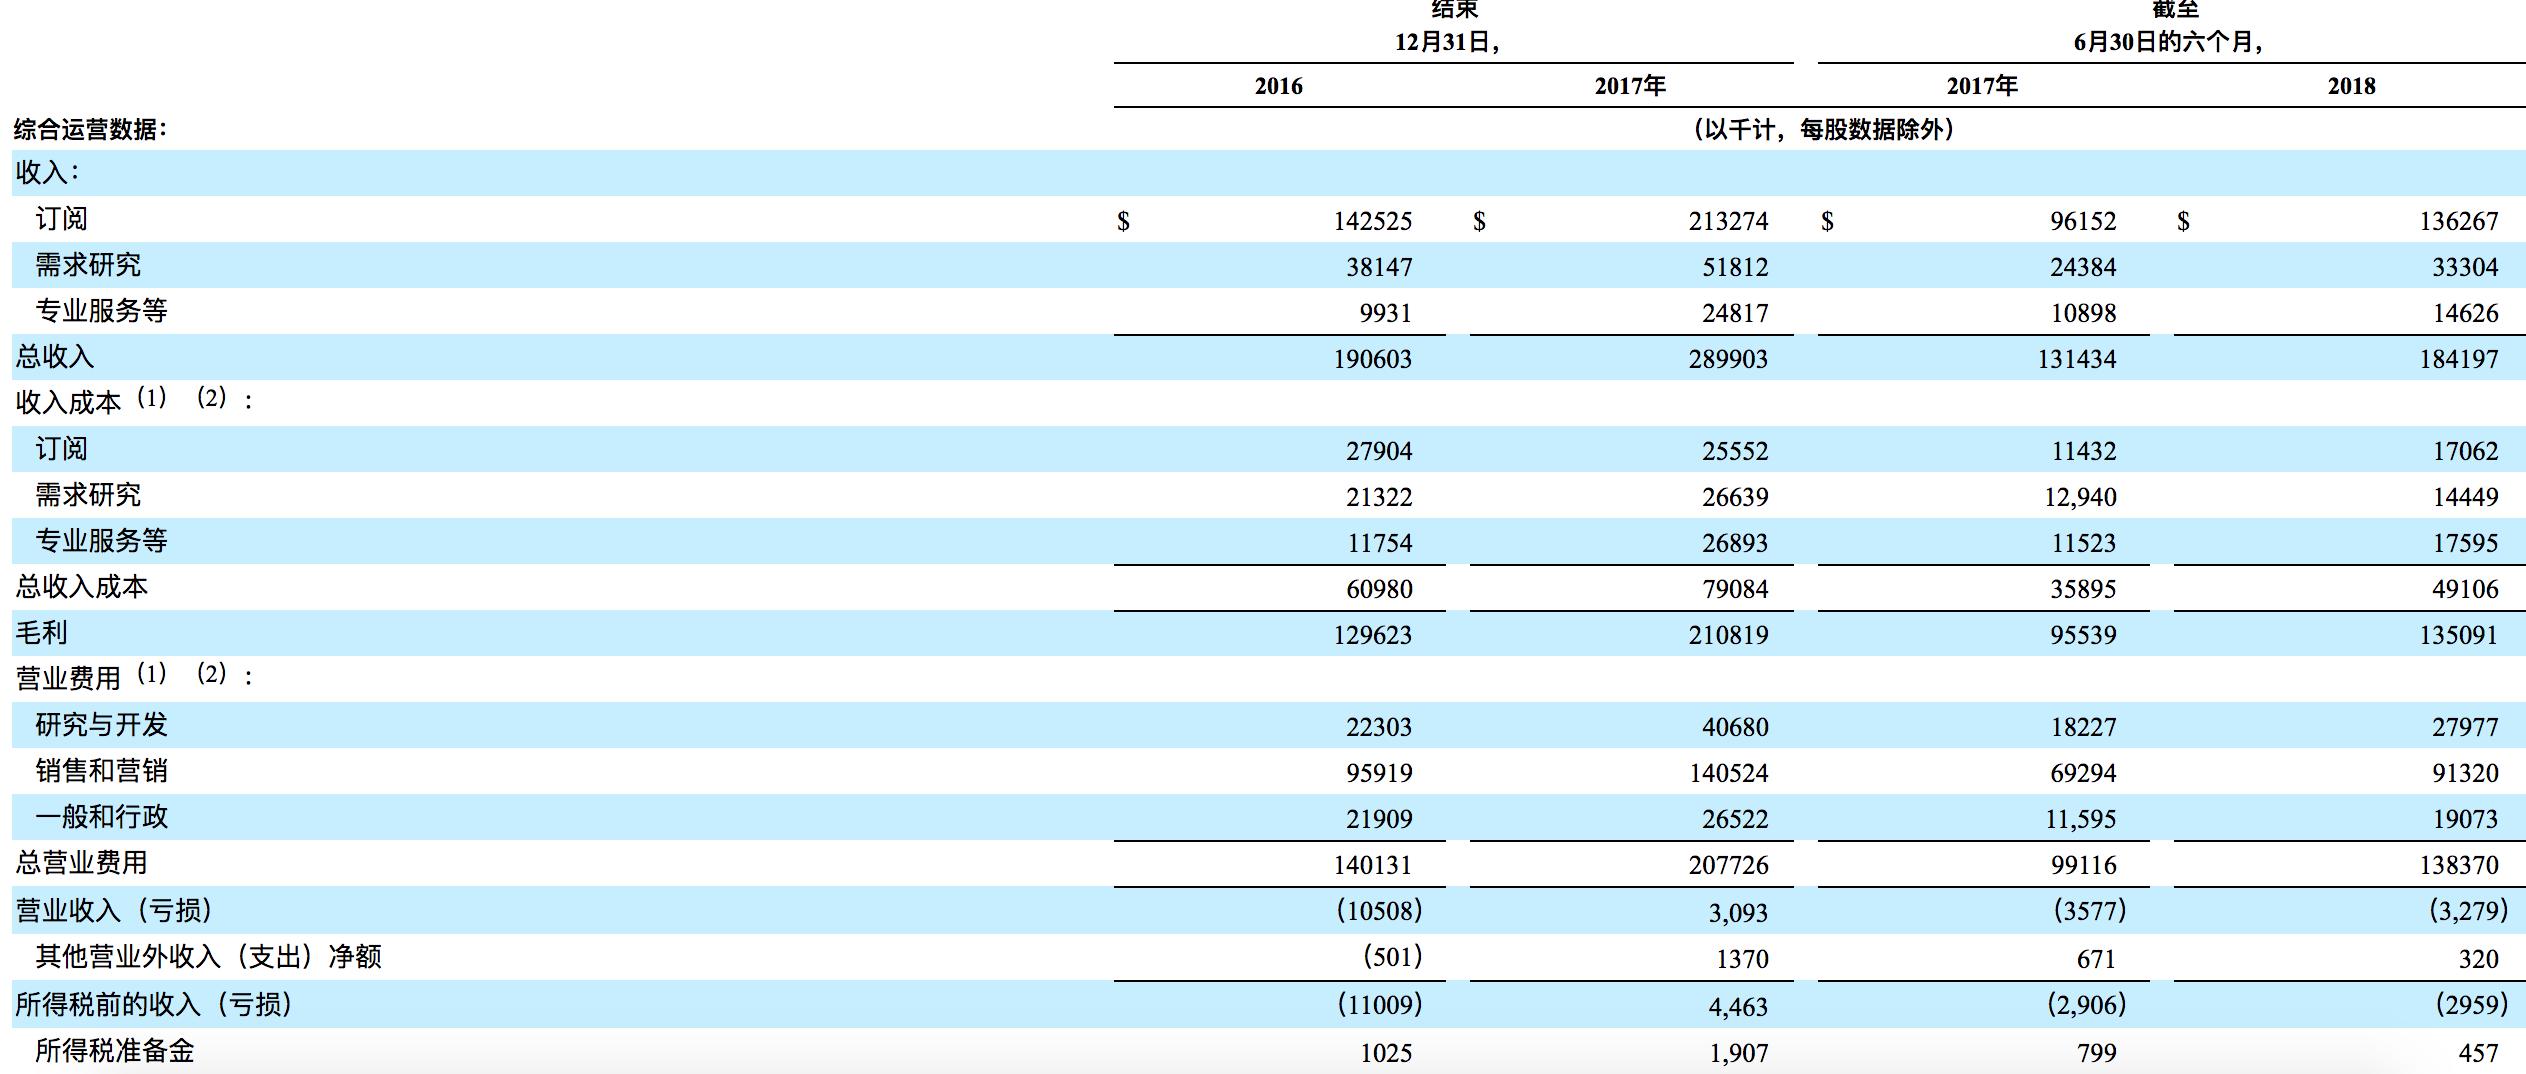 如何购买 Qualtrics International Inc 股票